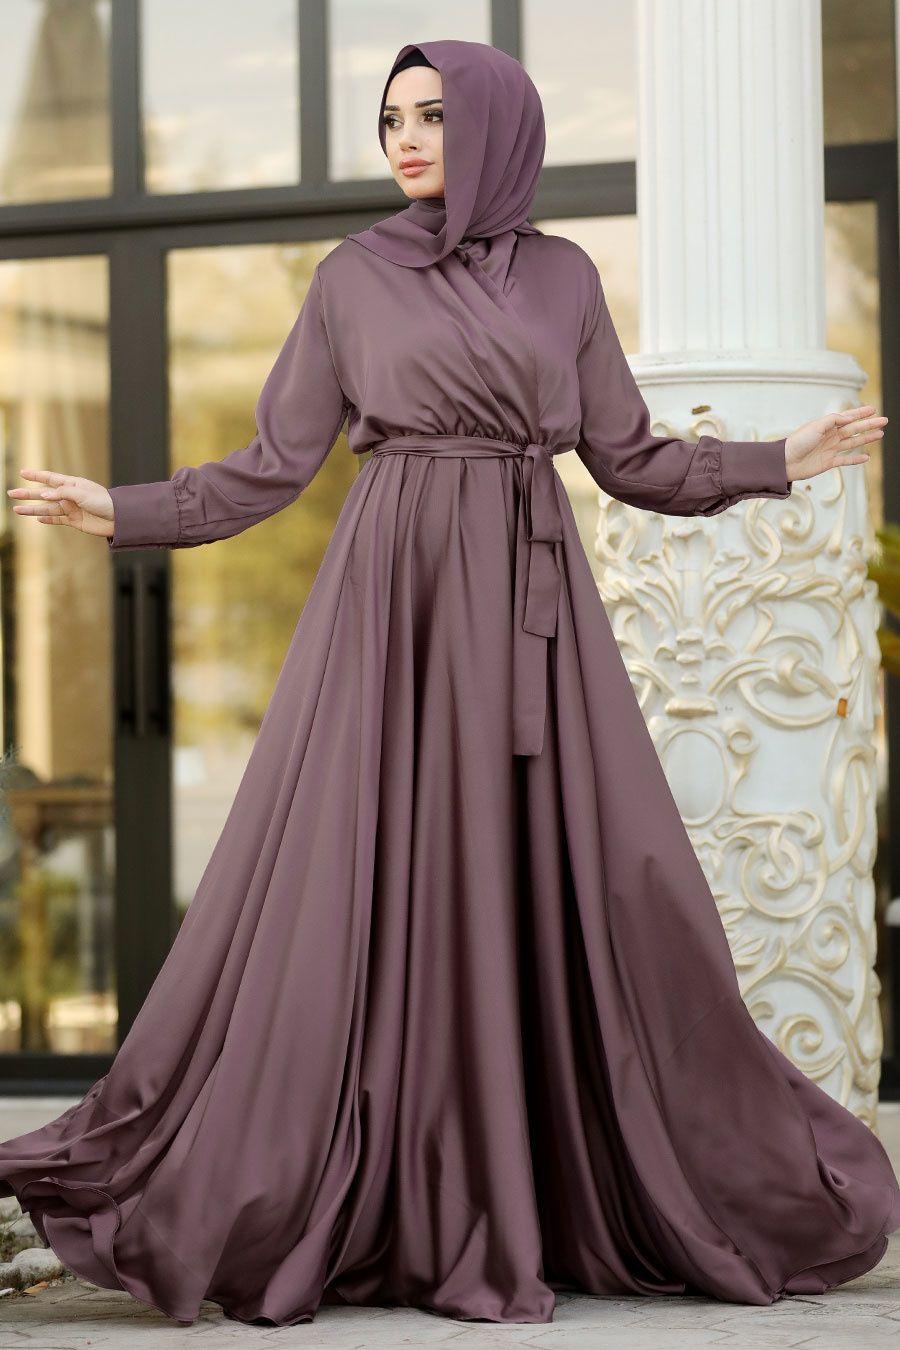 Tesetturlu Abiye Elbise V Yaka Krep Saten Koyu Gul Kurusu Tesettur Abiye Elbise 1418kgk Tesetturisland Com 2020 Elbise Moda Stilleri Uzun Elbise